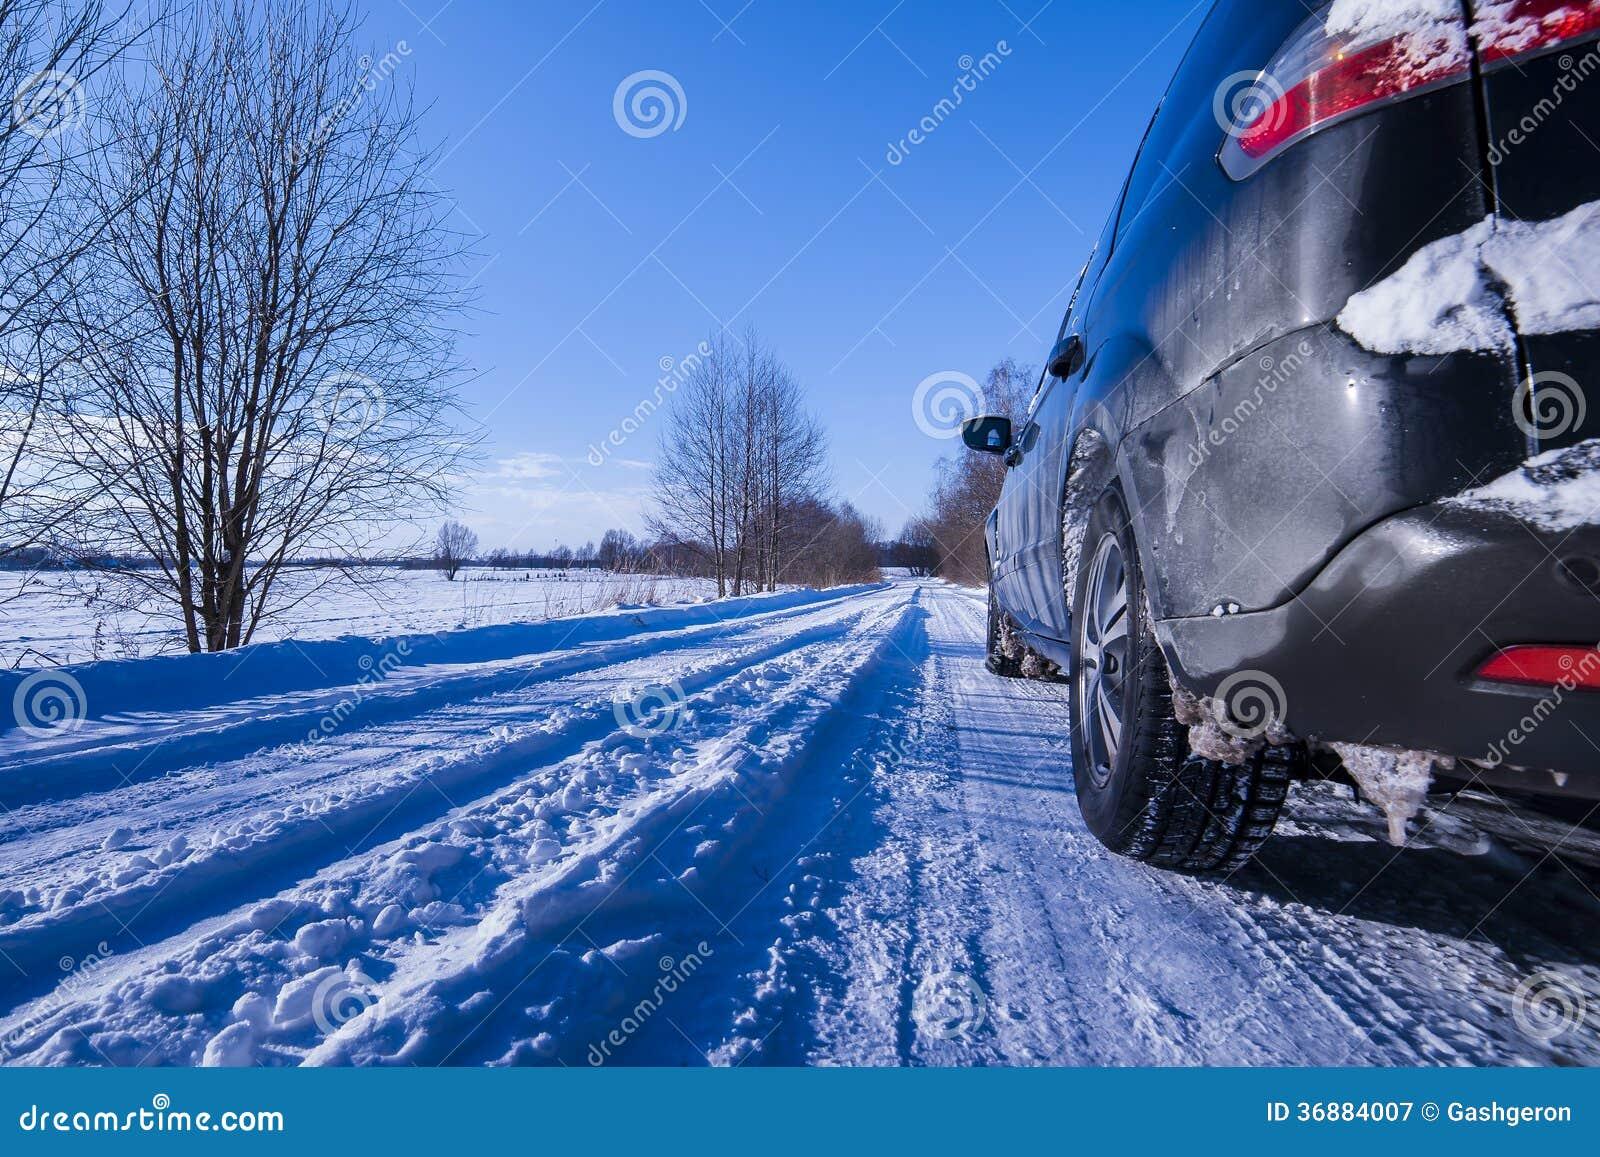 Download Automobile Su Una Strada Pericolosa Coperta Di Neve E Di Ghiaccio. Immagine Stock - Immagine di pulito, congelato: 36884007